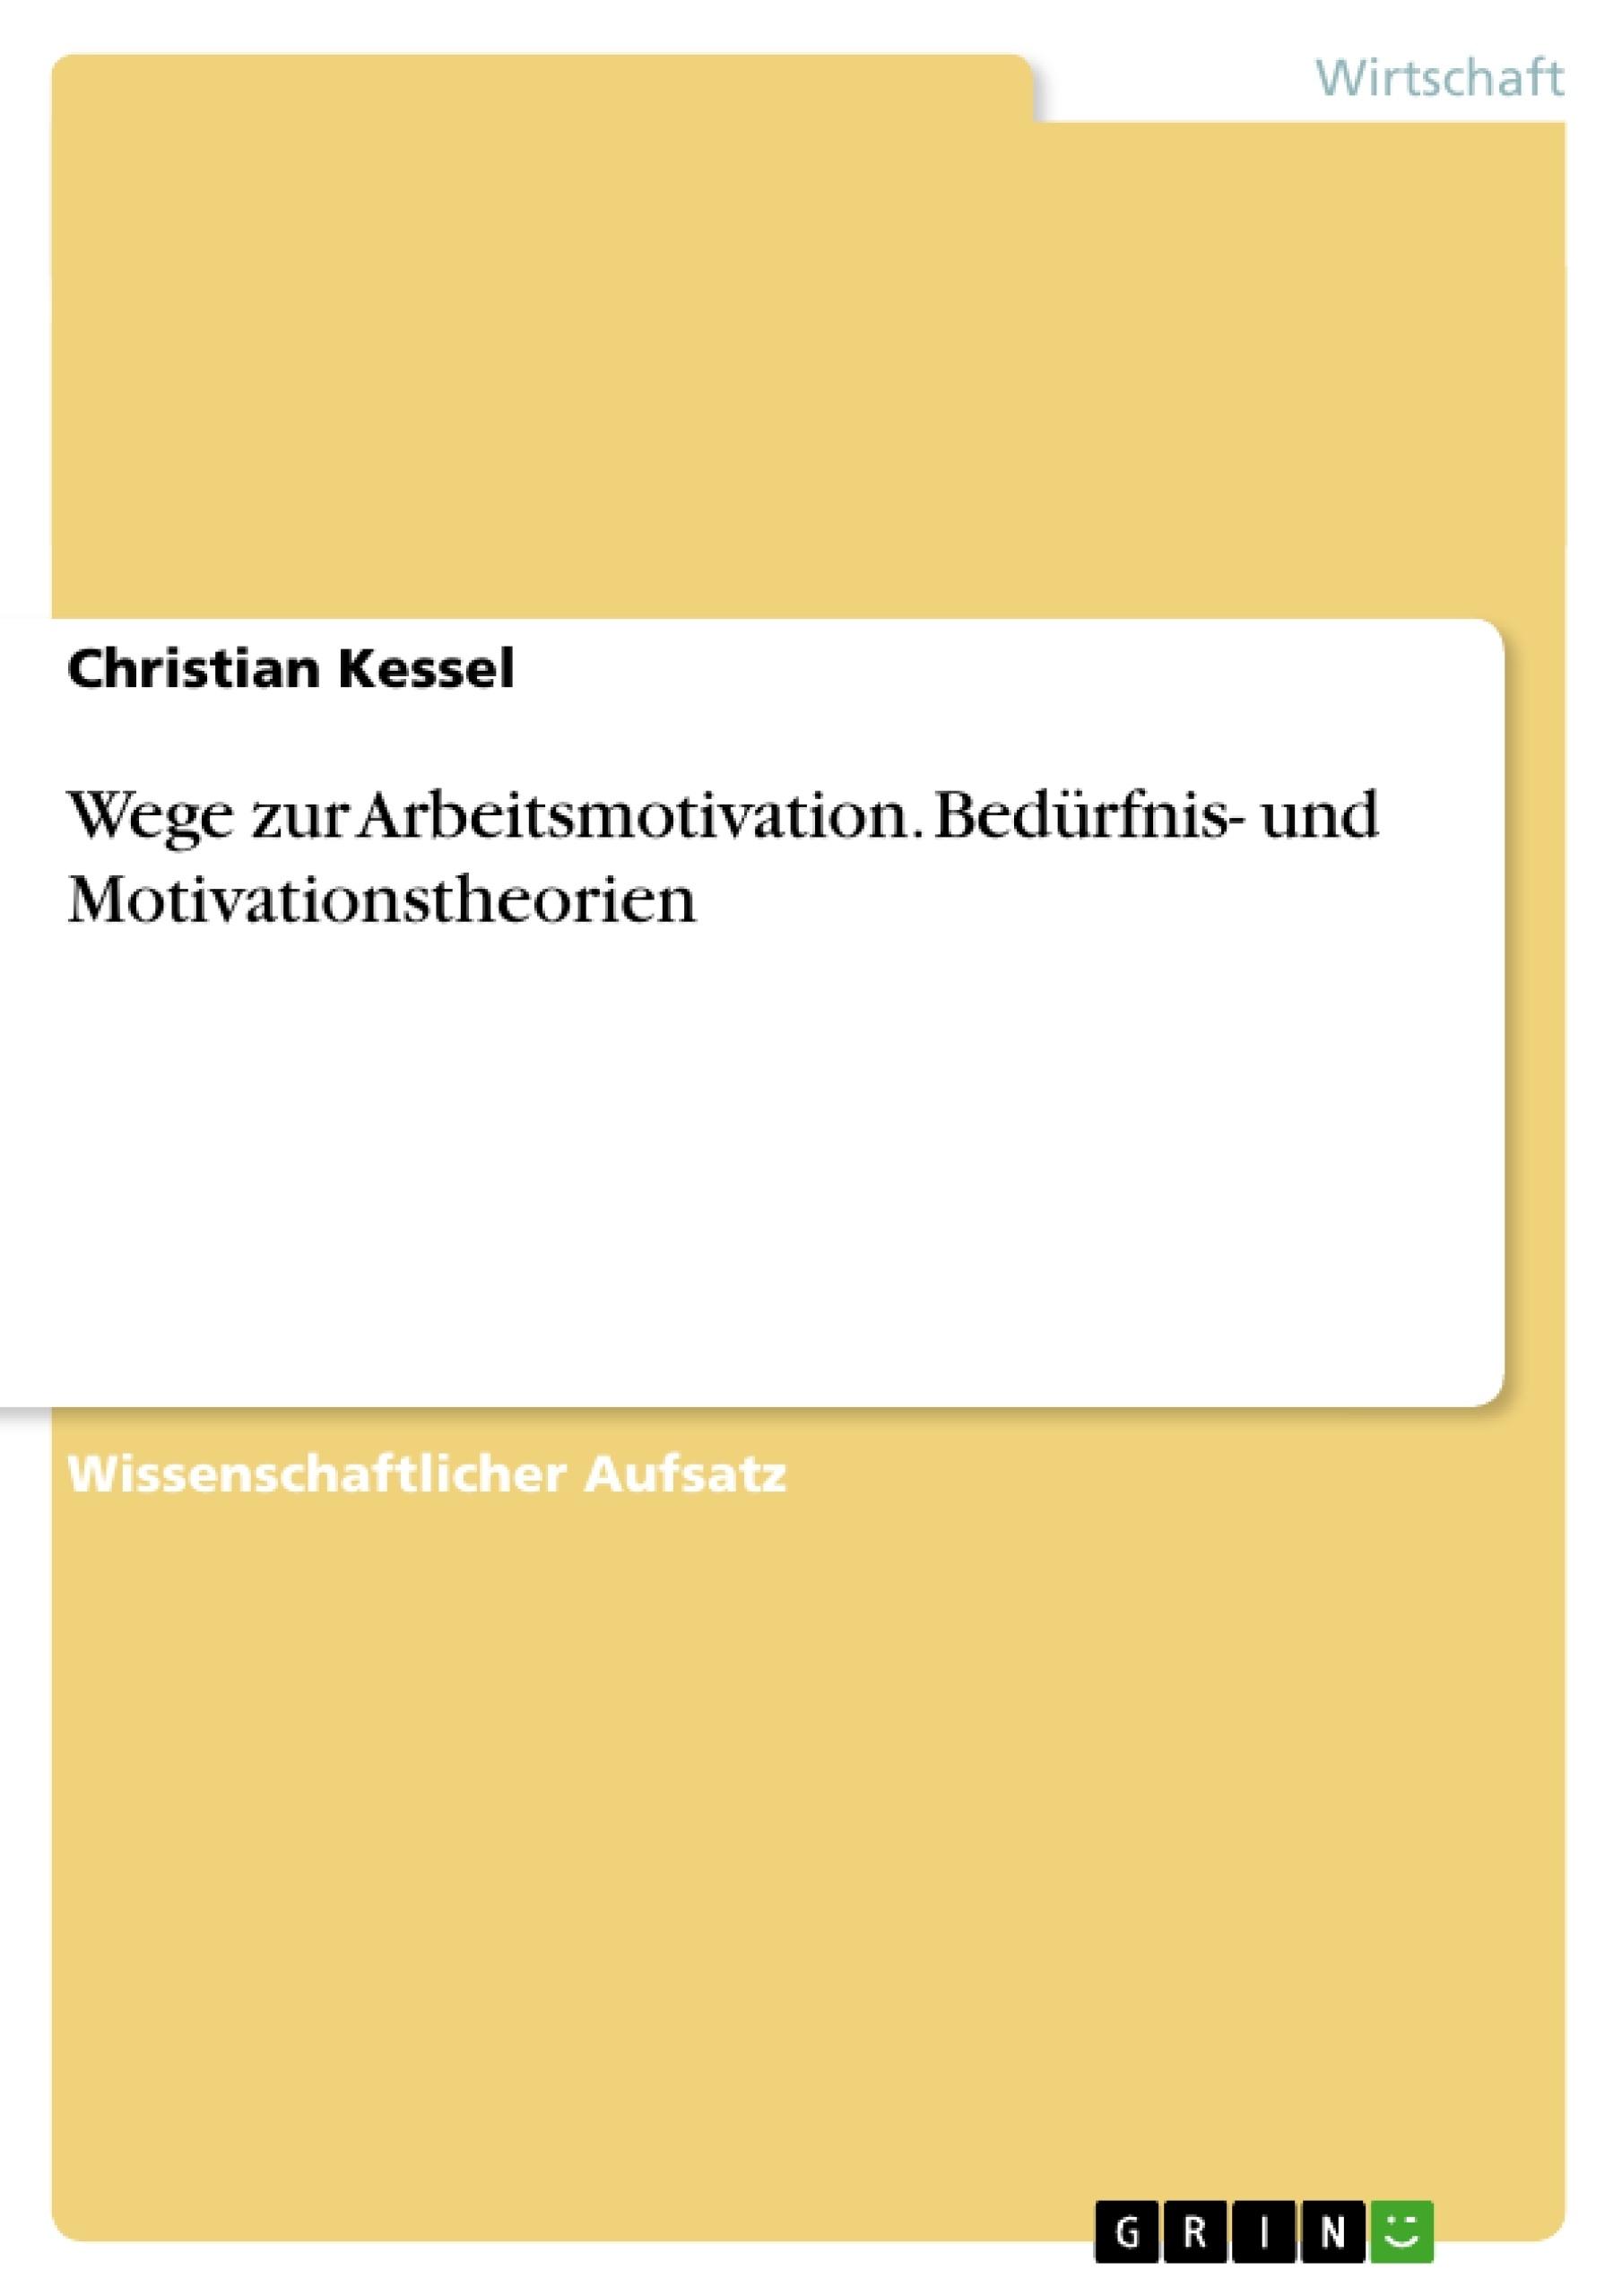 Titel: Wege zur Arbeitsmotivation. Bedürfnis- und Motivationstheorien